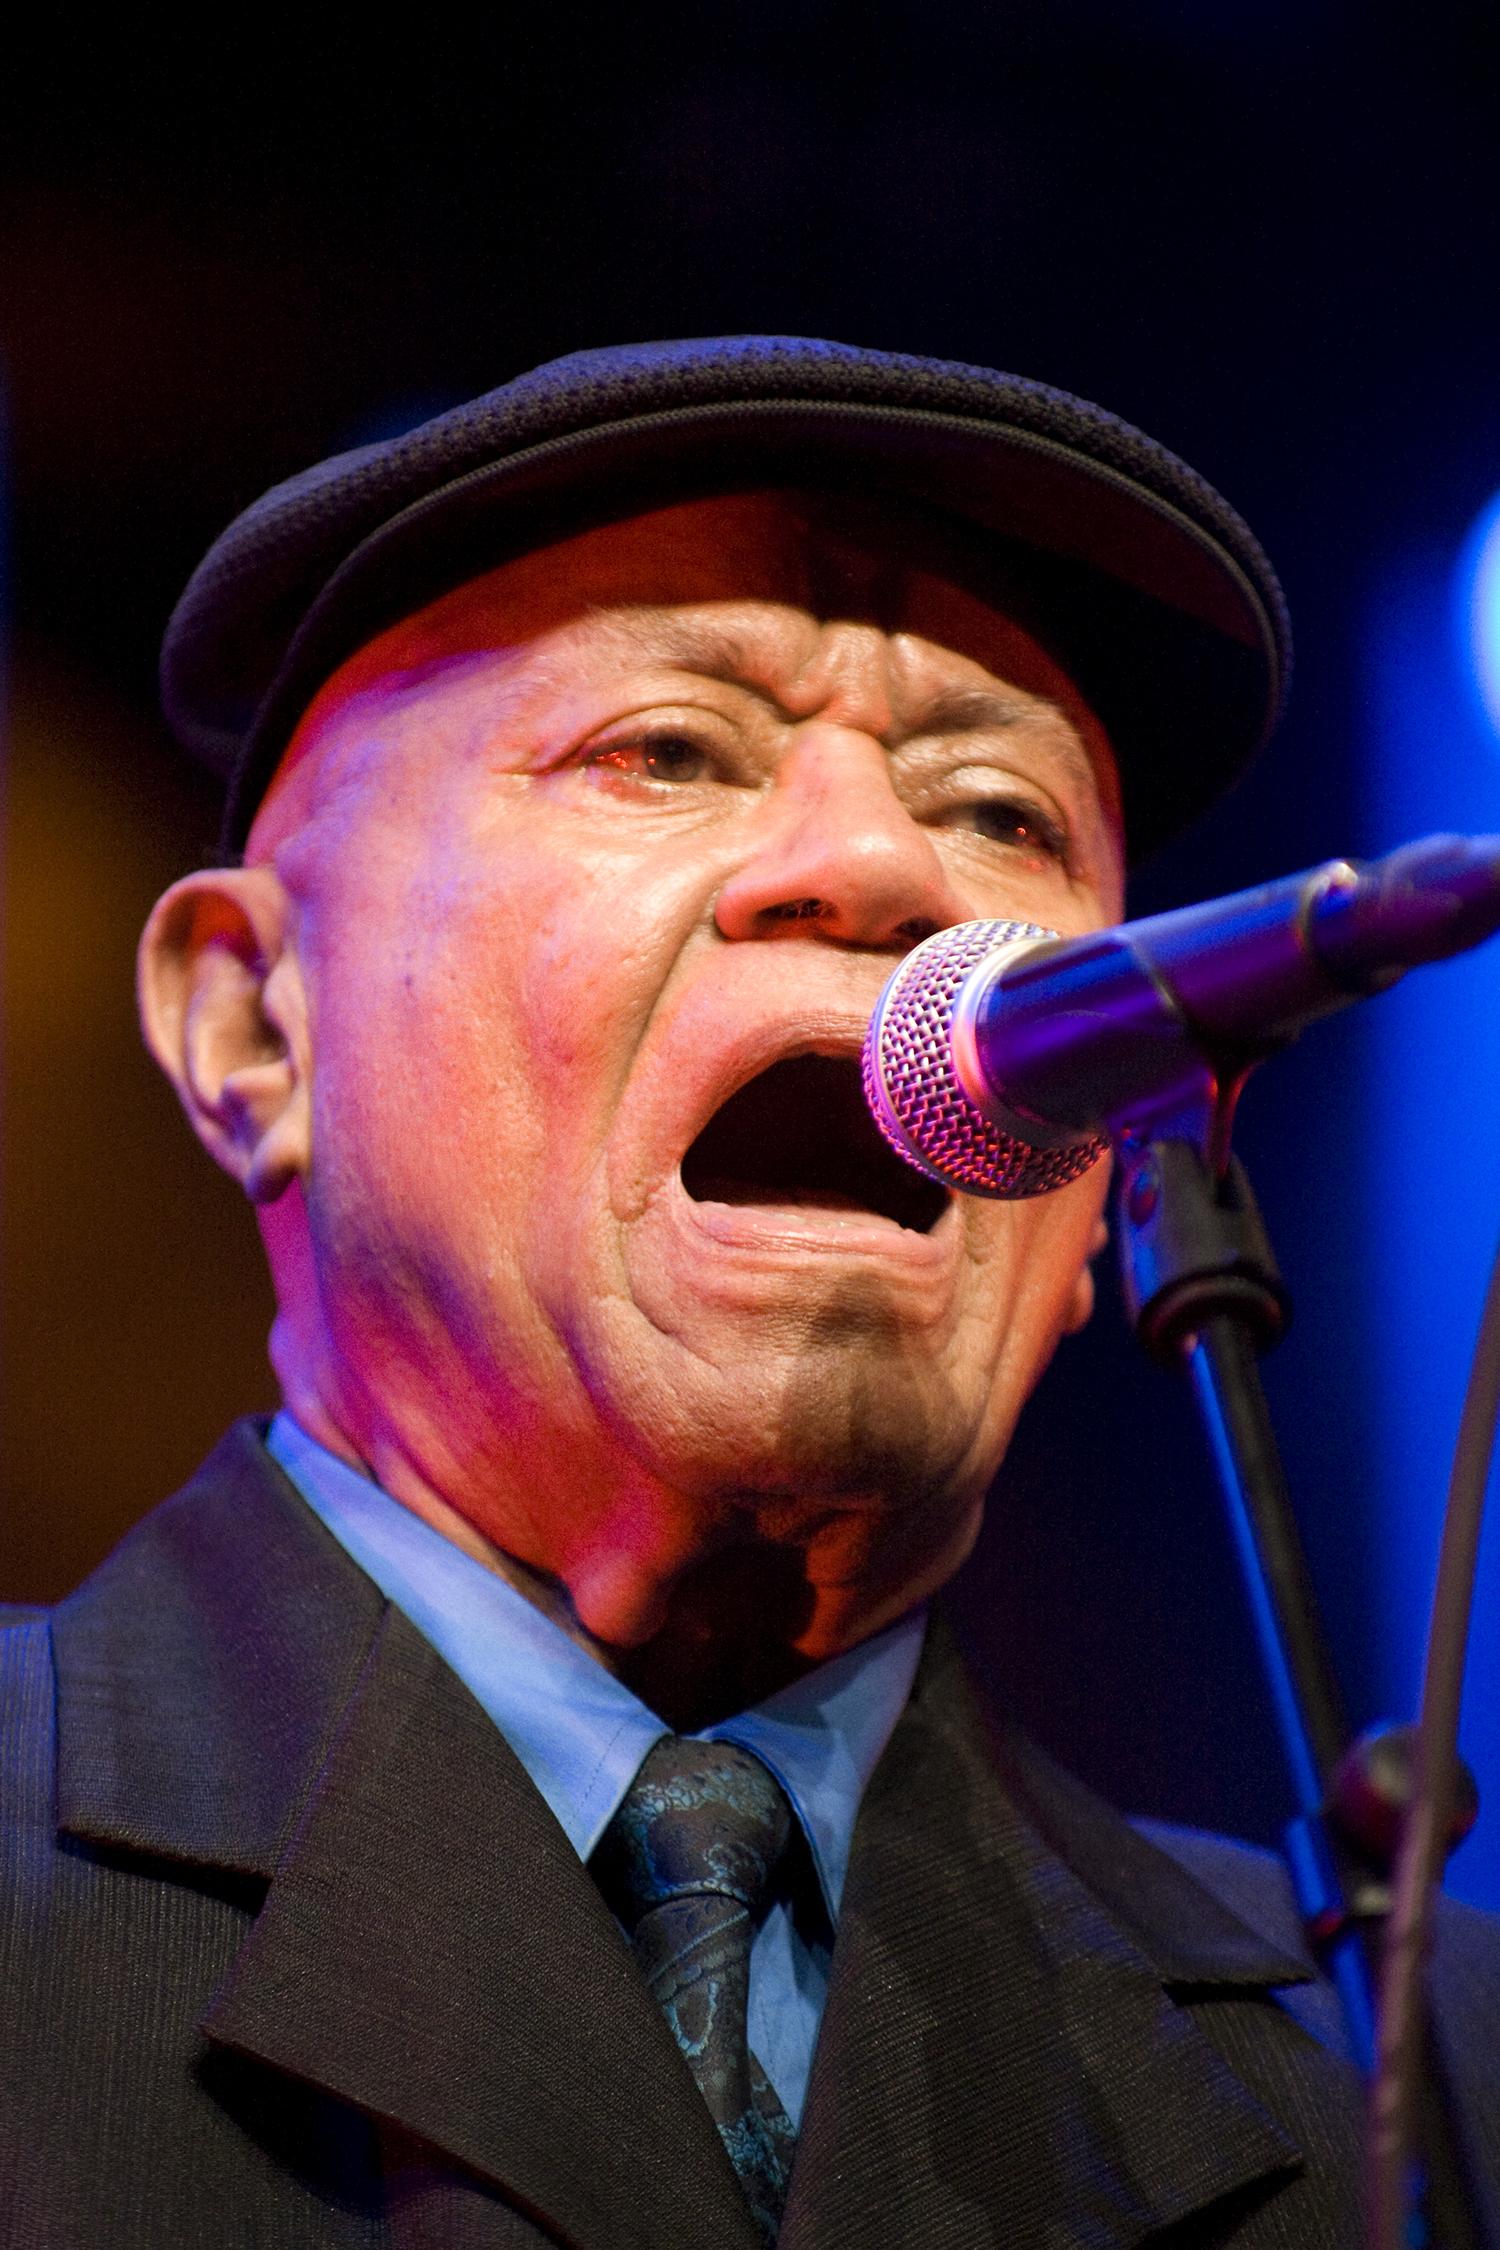 Cubanismo, Montreux jazz festival, 2009